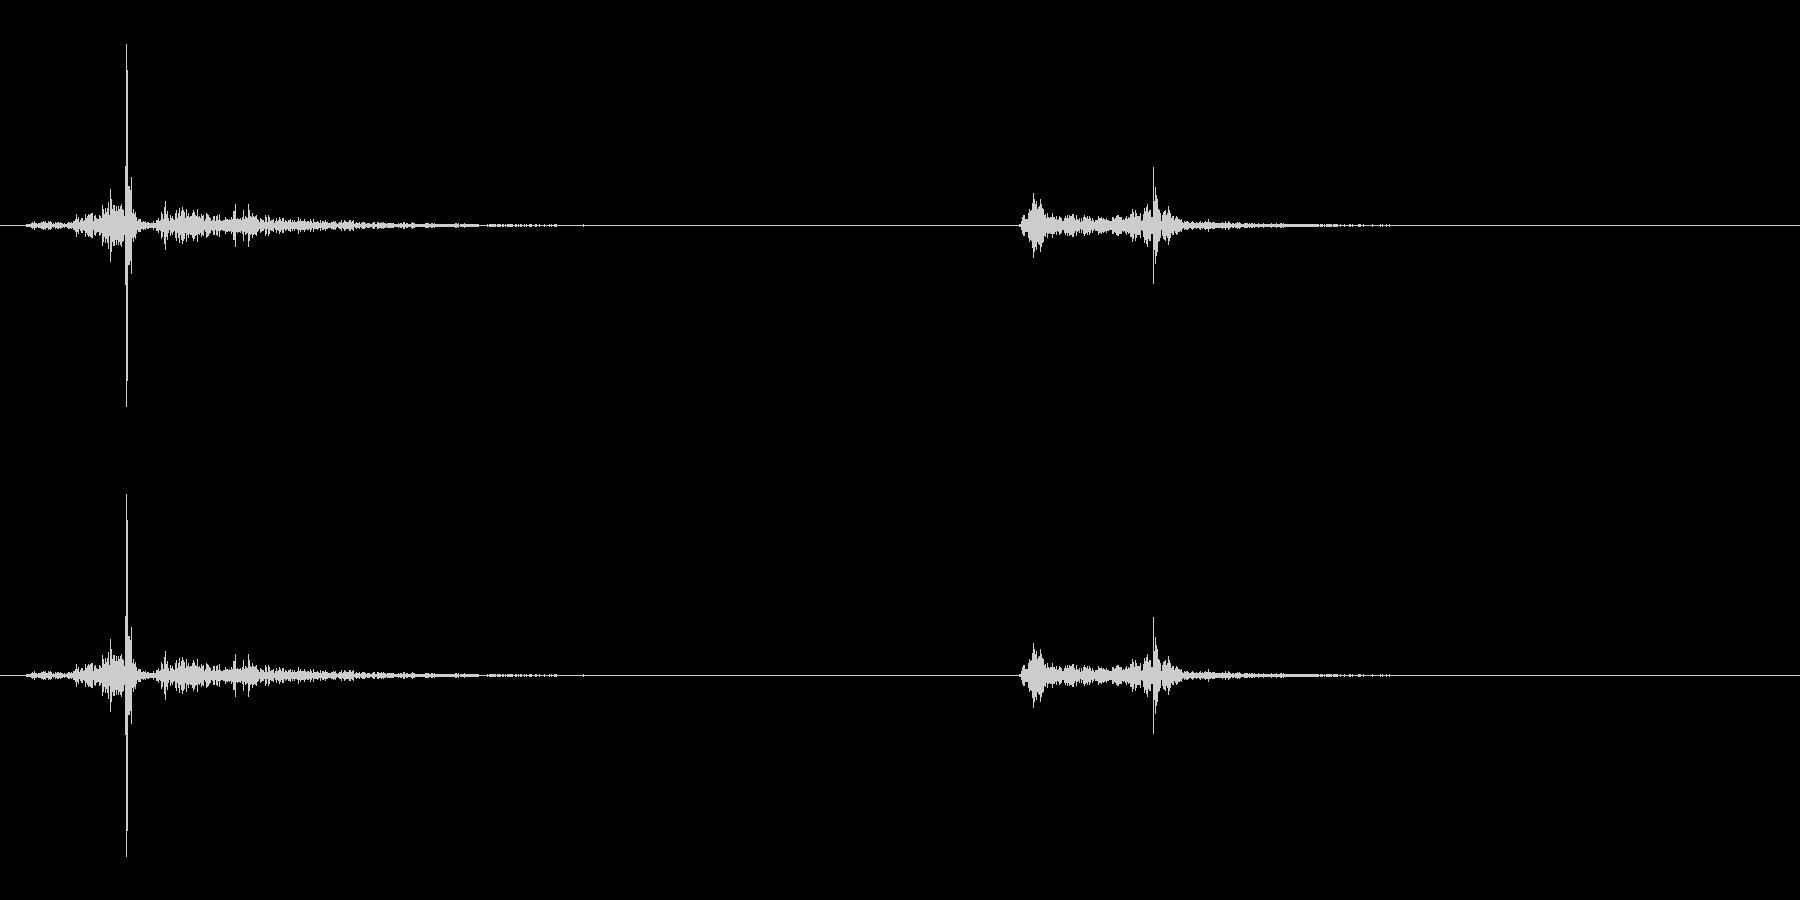 【生録音】ハサミの音 1の未再生の波形